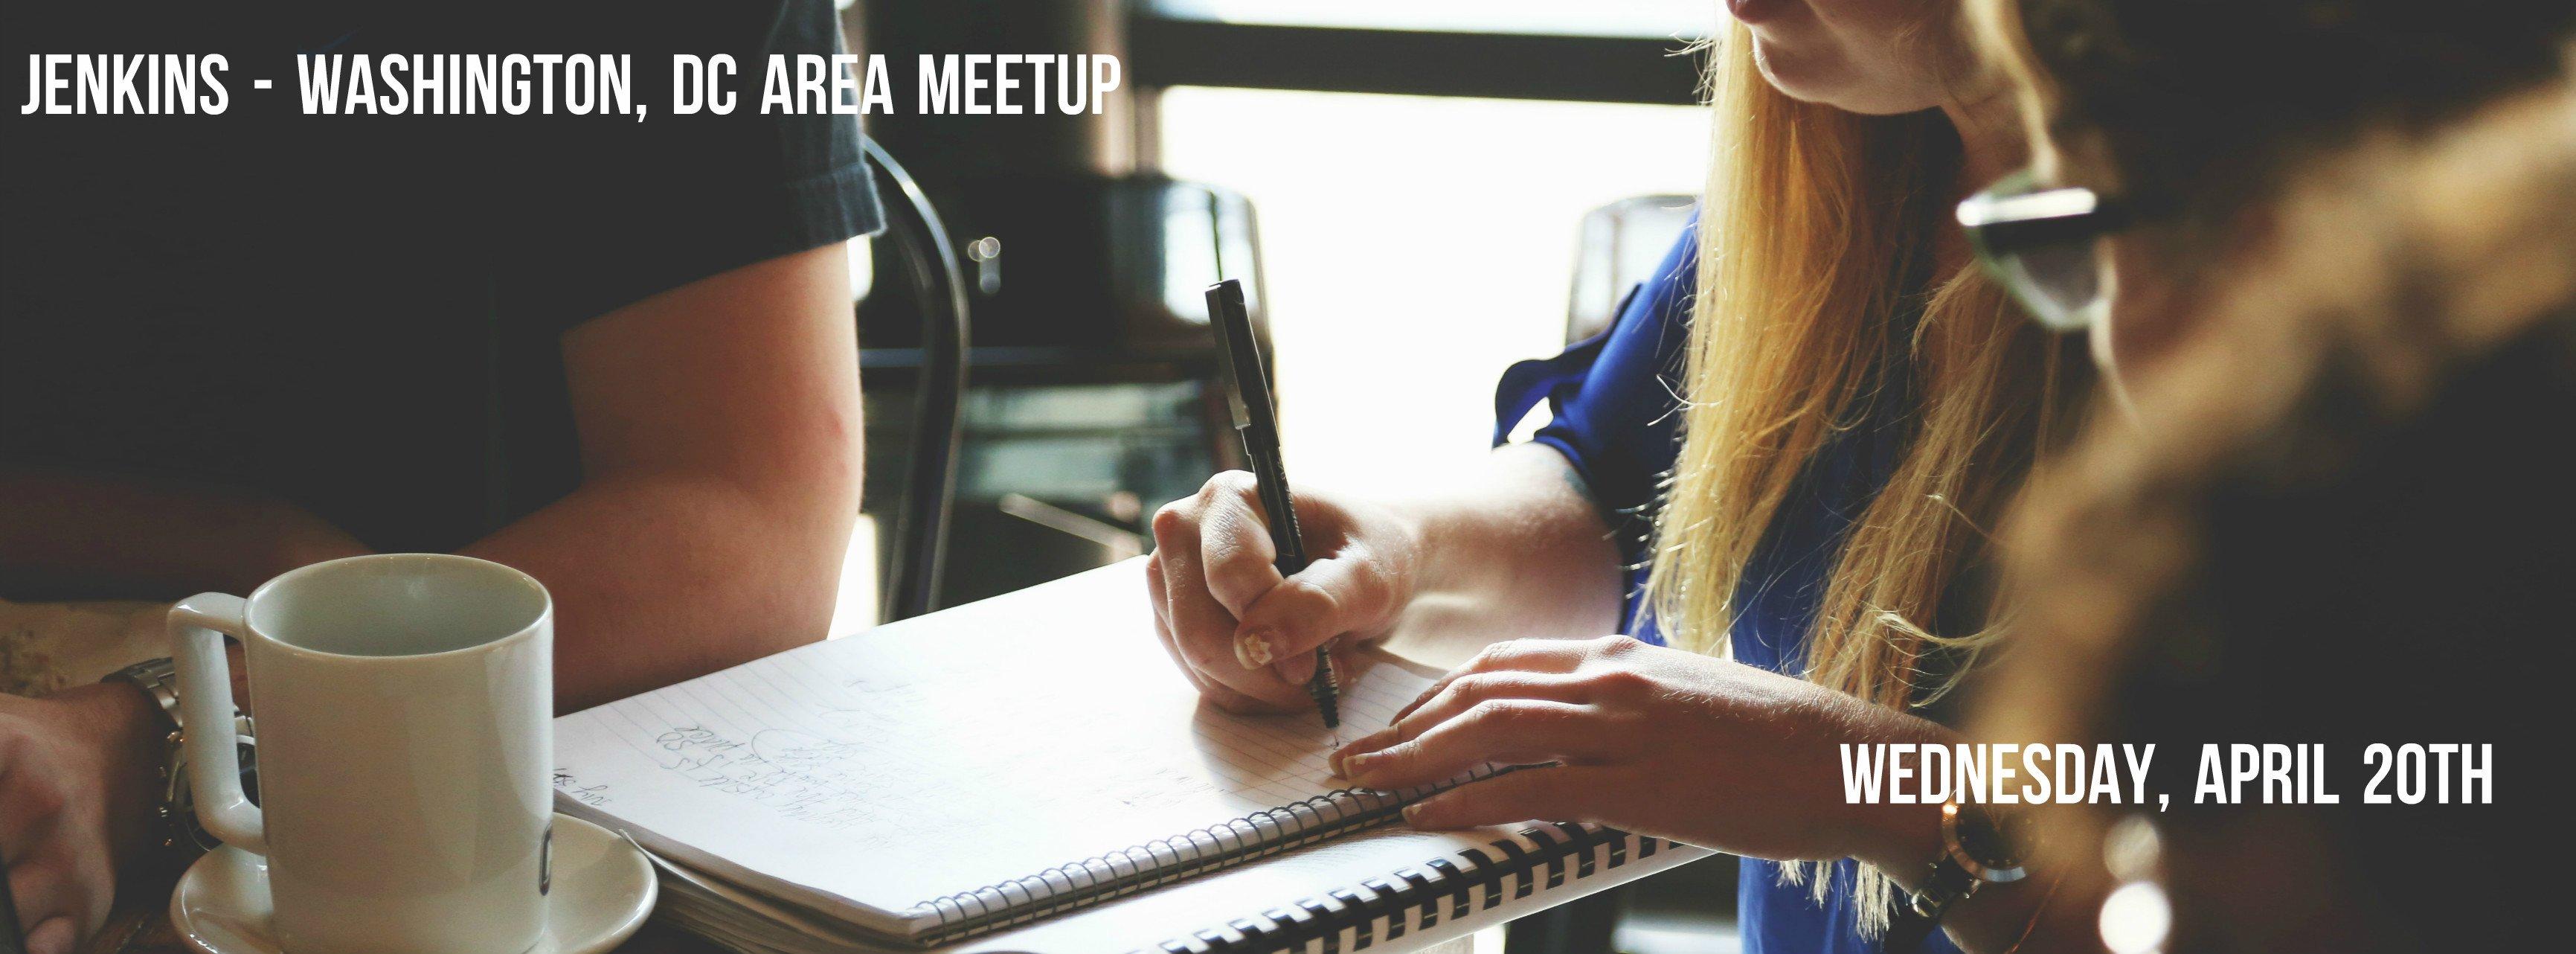 people-woman-coffee-meeting3-1.jpg